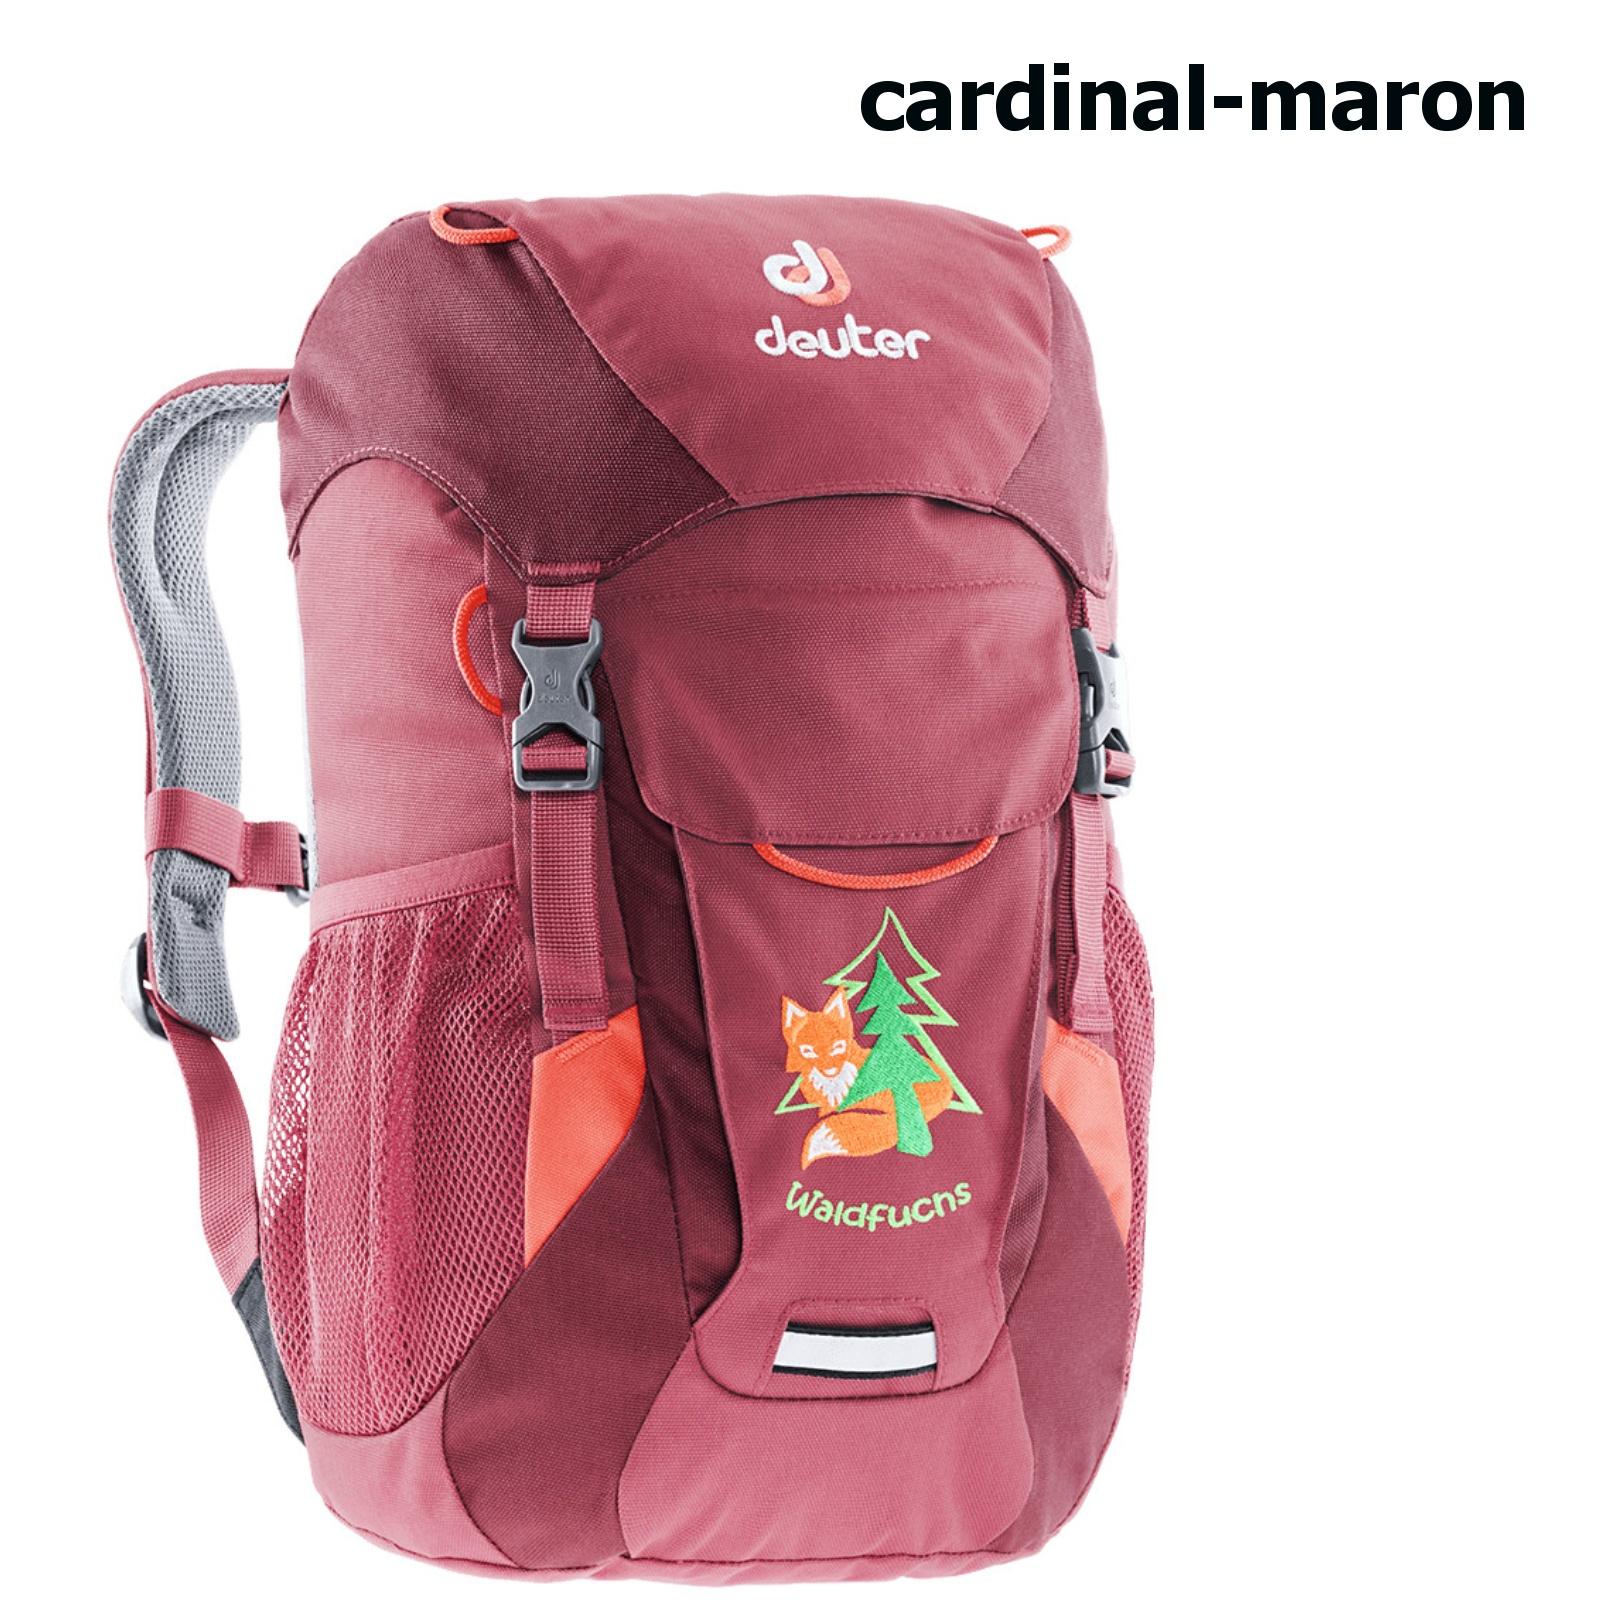 Deuter batoh Waldfuchs cardinal maron